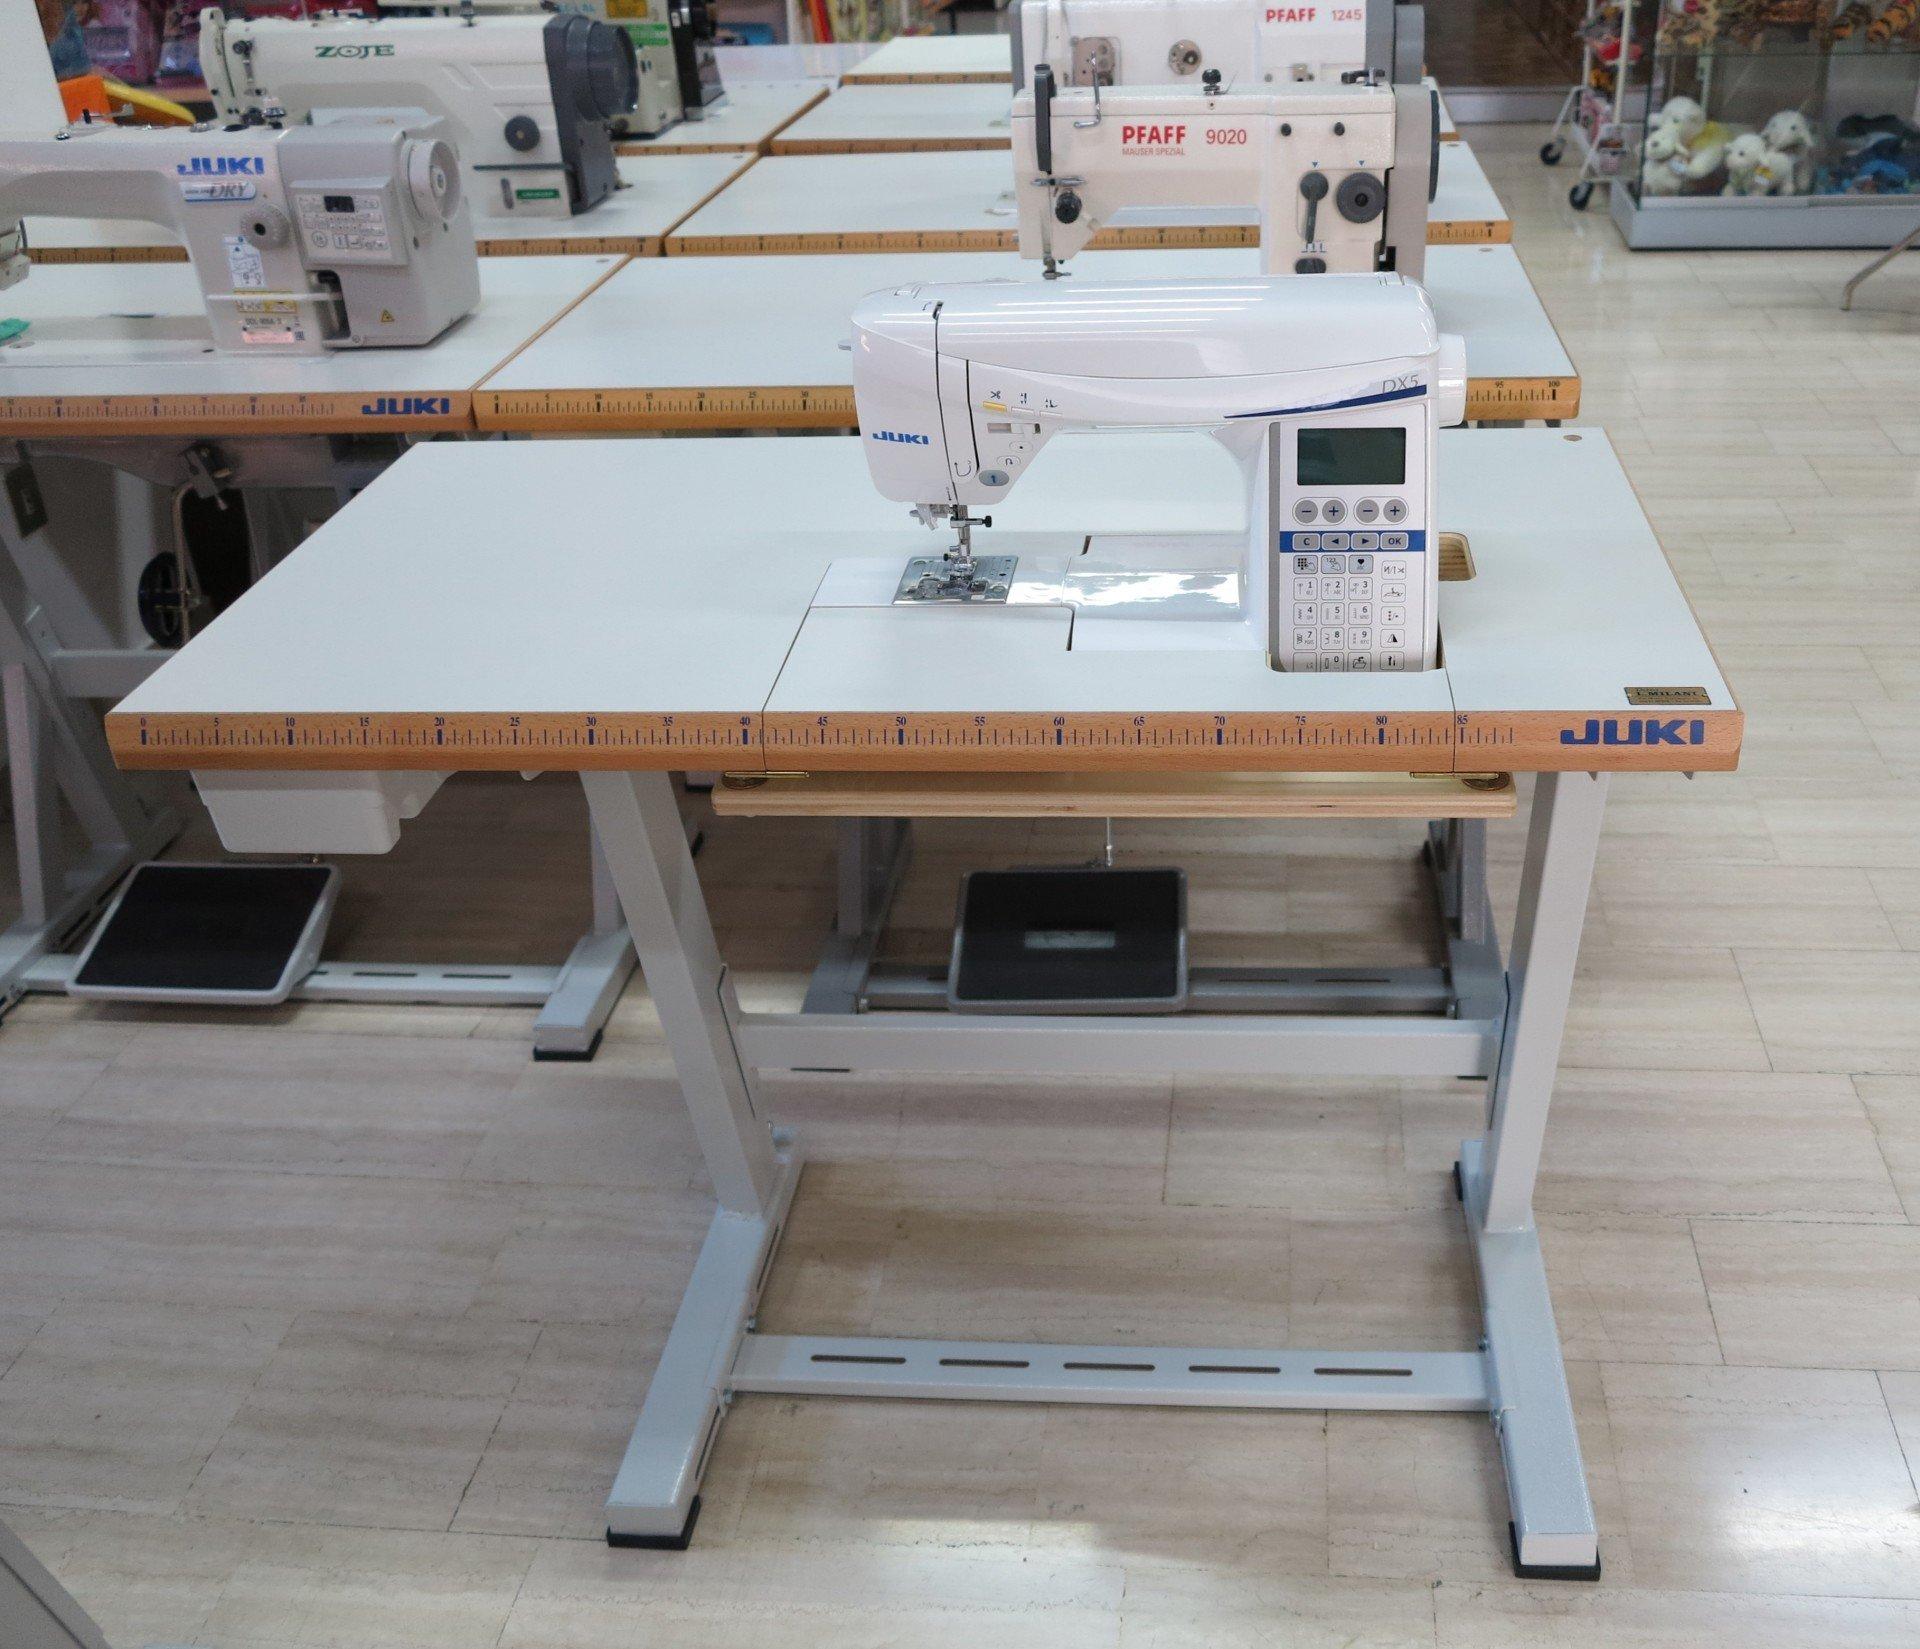 Mobili per macchine per cucire desio milani - Mobili per macchine da cucire ...